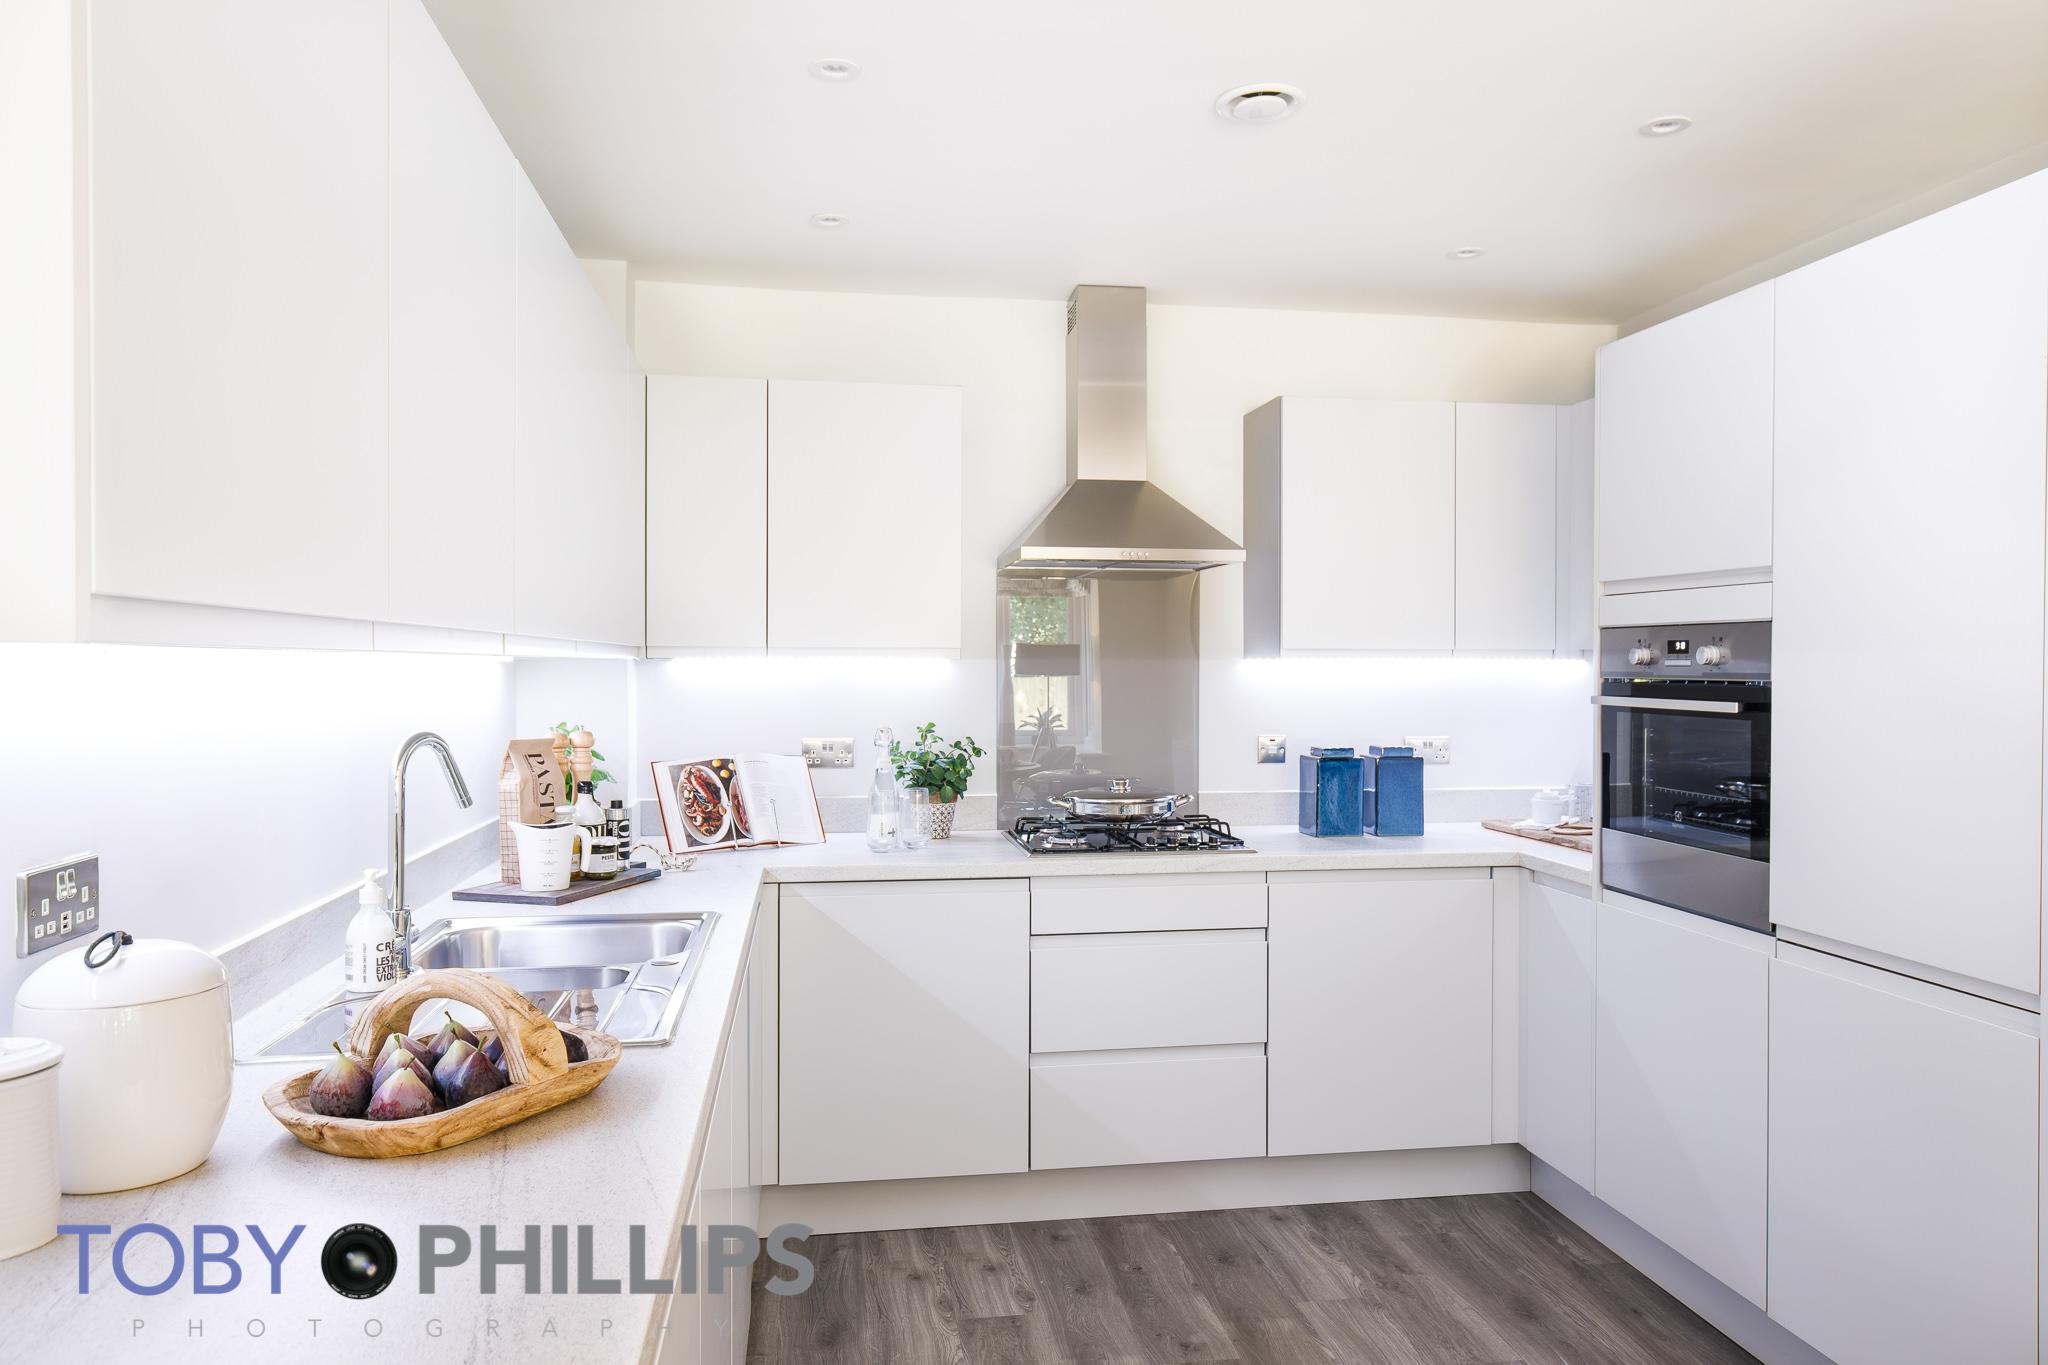 Kitchen_retouchblend2.jpg